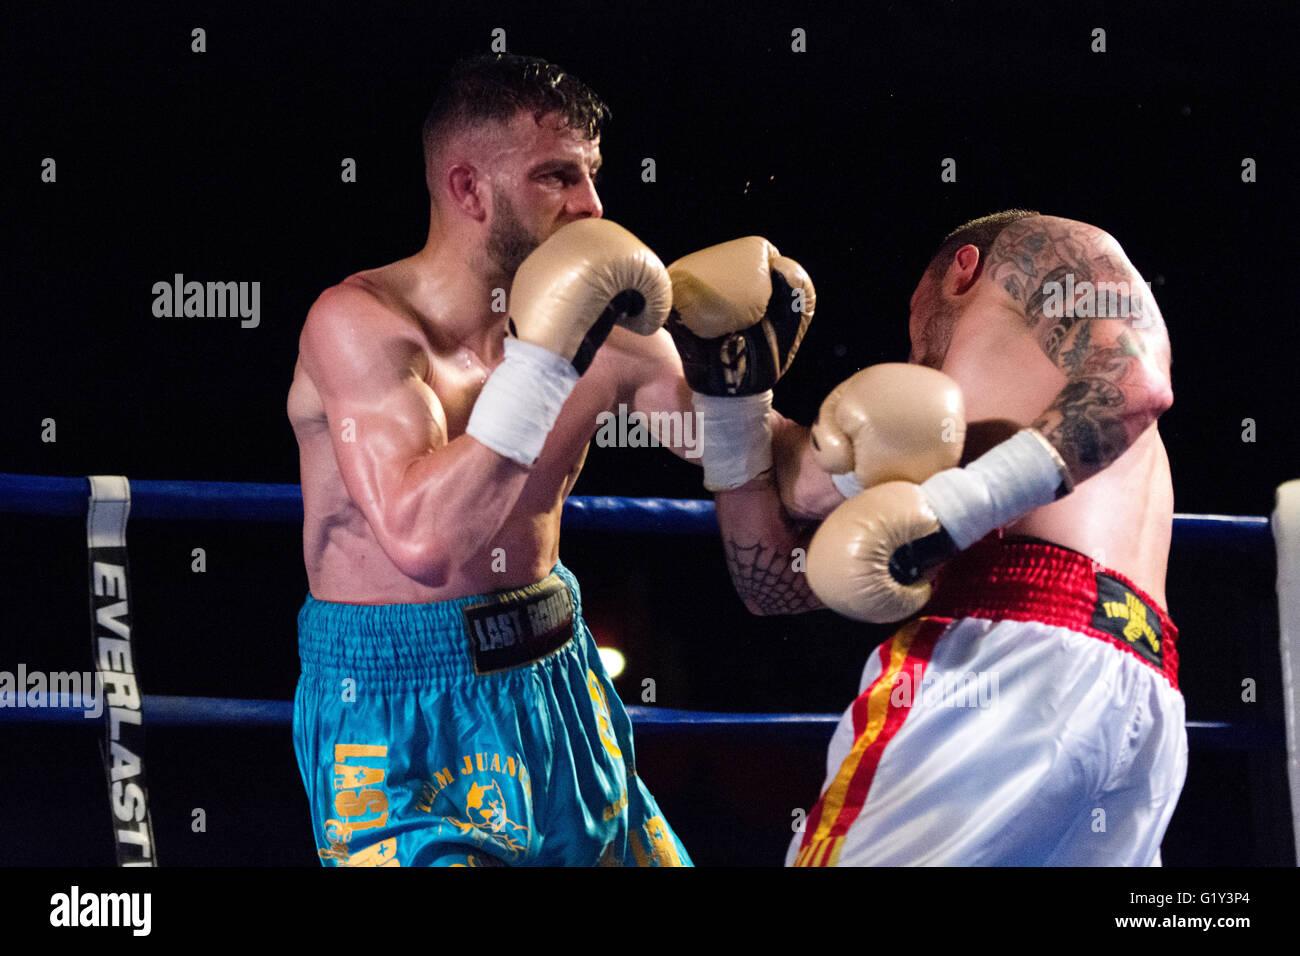 Gijon, Spagna. 21 Maggio, 2016. Juancho Gonzalez hits Marc Vidal nel corso di un incontro di pugilato della nazionale Immagini Stock